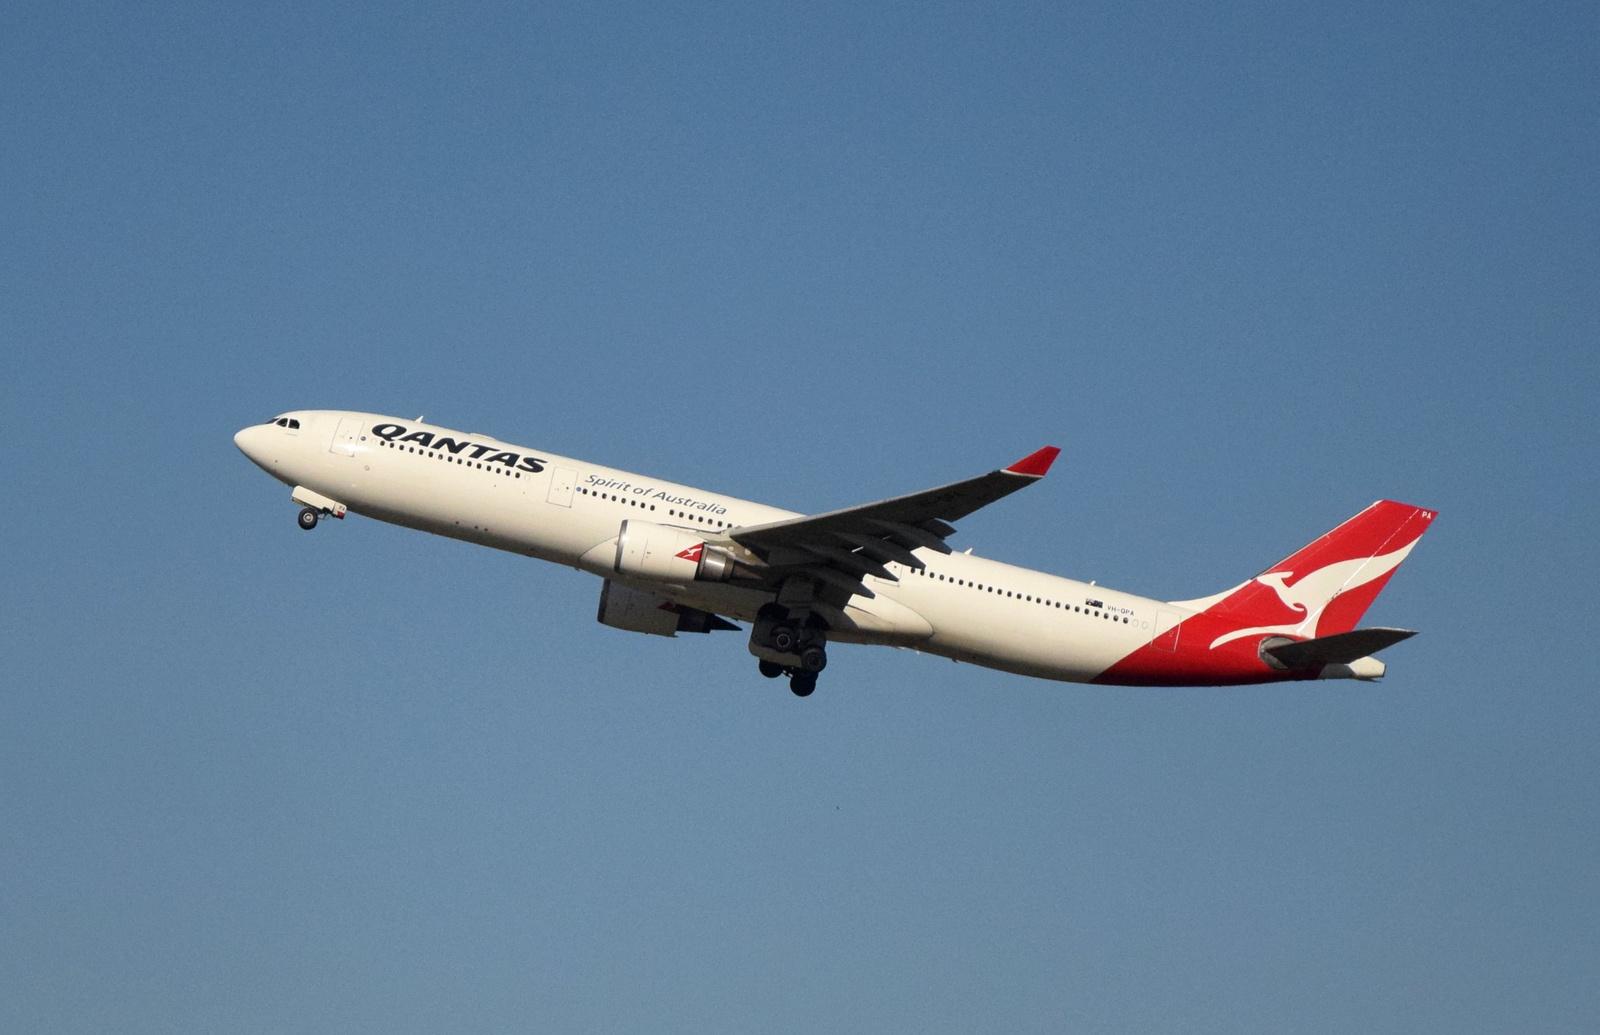 Qantas - Airbus A330-303